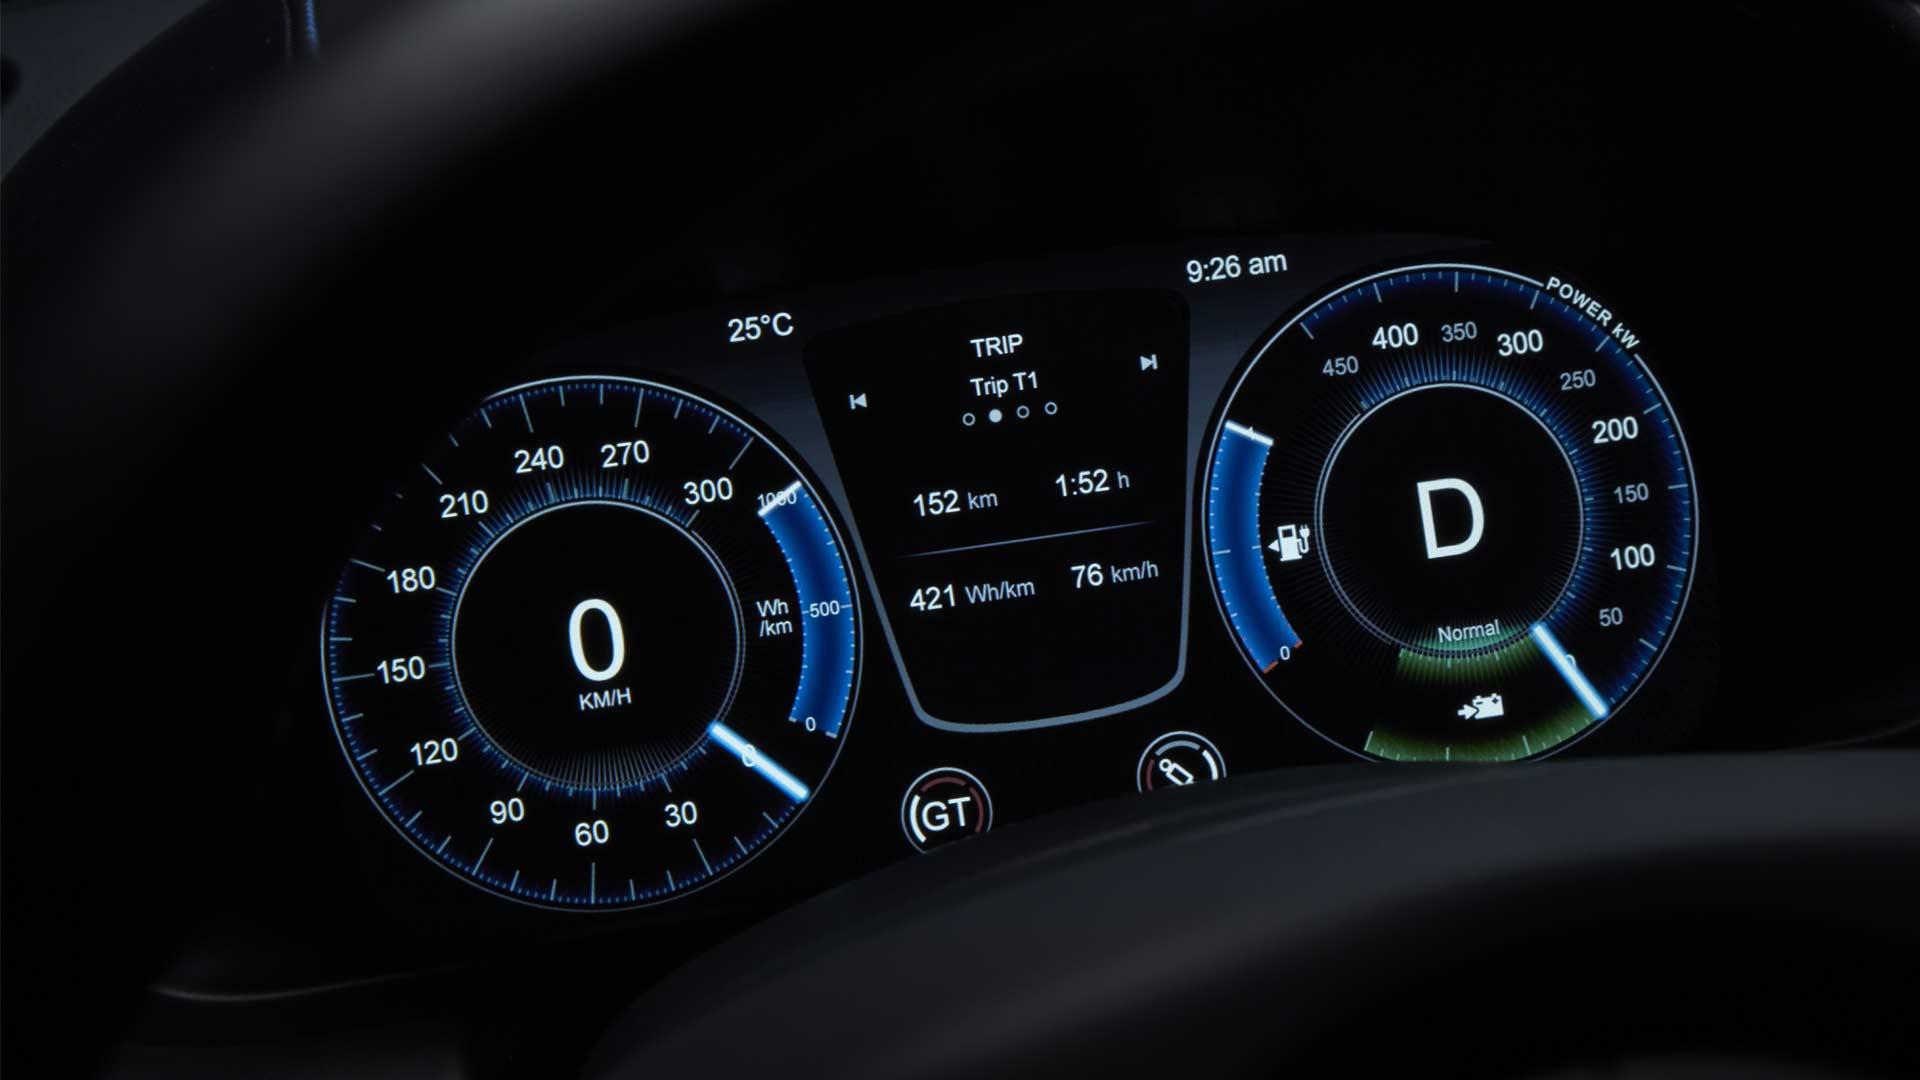 All-electric-Aston-Martin-Rapide-E-Interior-Instrument-Cluster_2